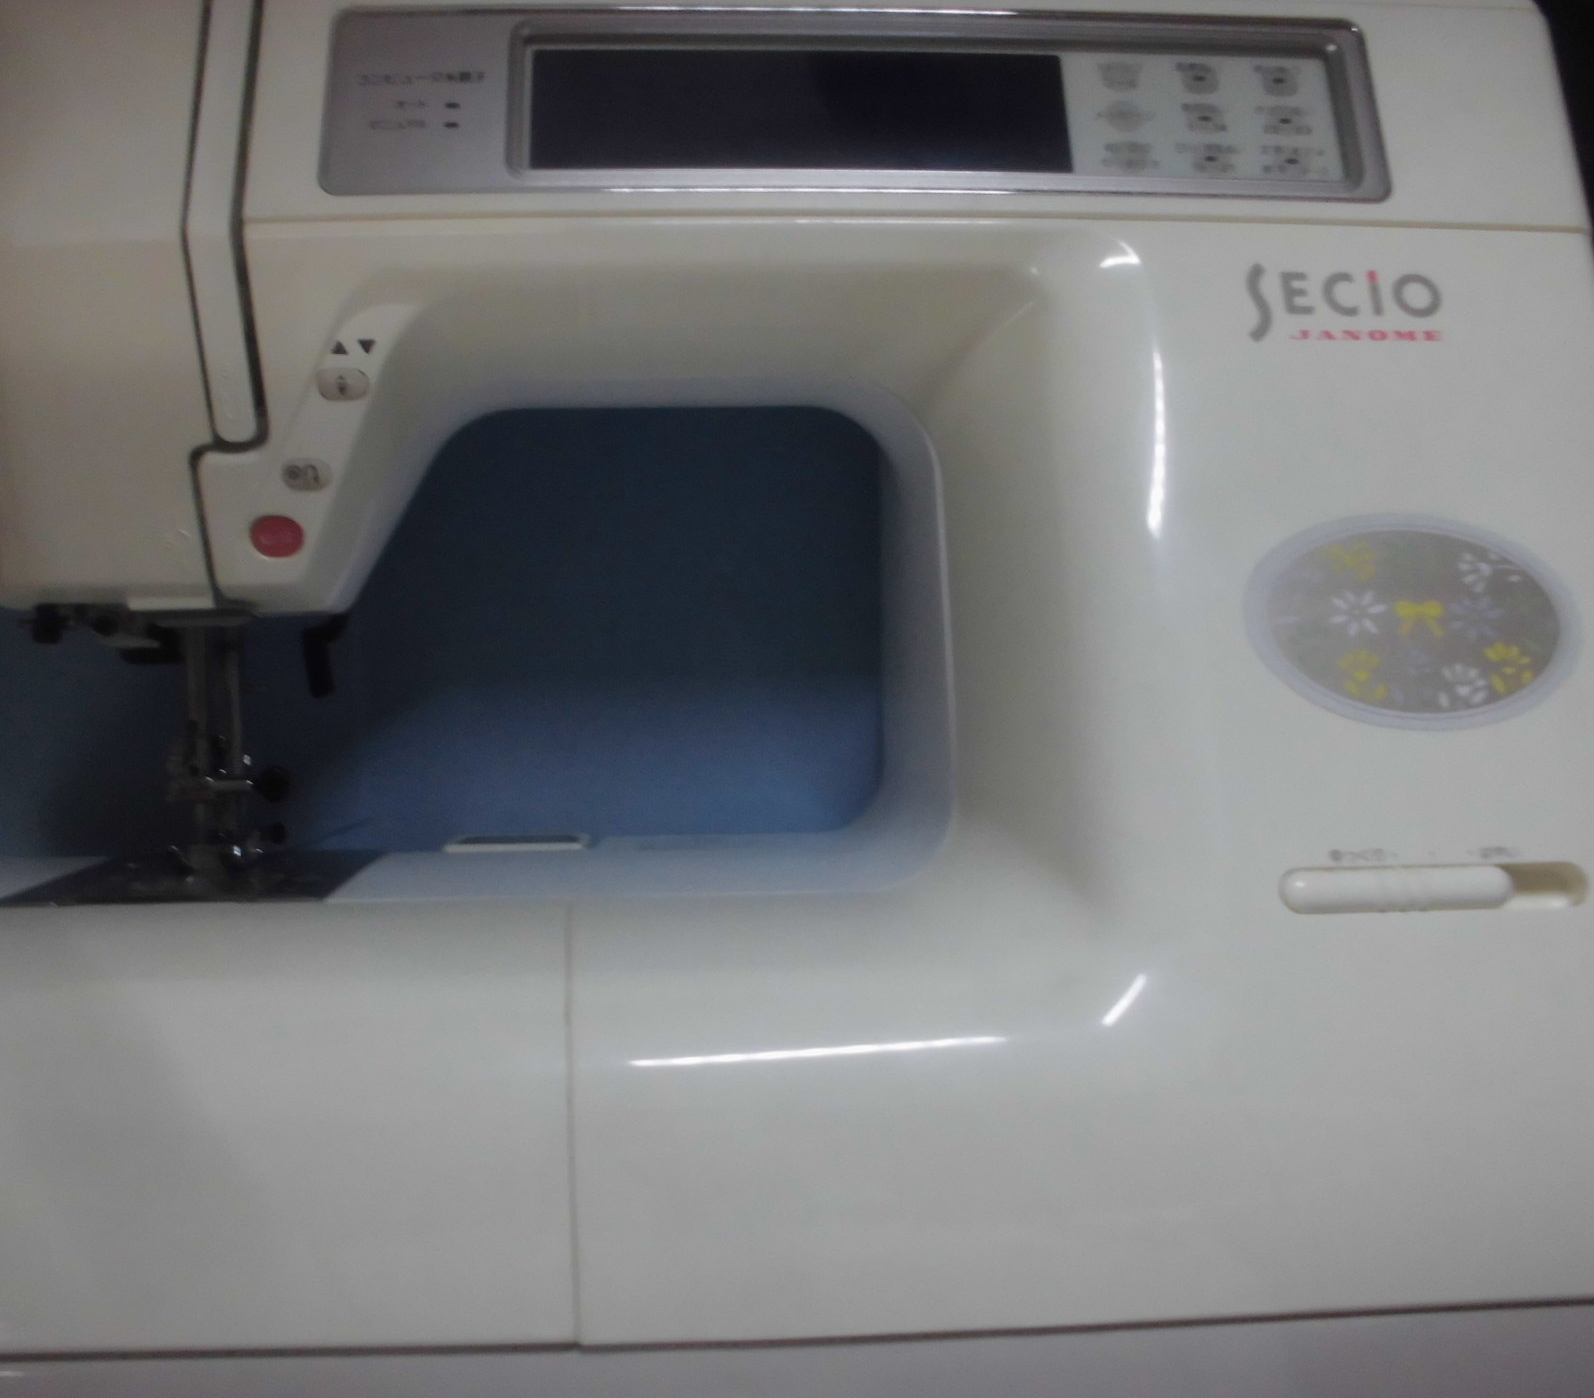 ジャノメミシンの修理|セシオ8200|ステッピングモーターエラーが生じミシンが動かない